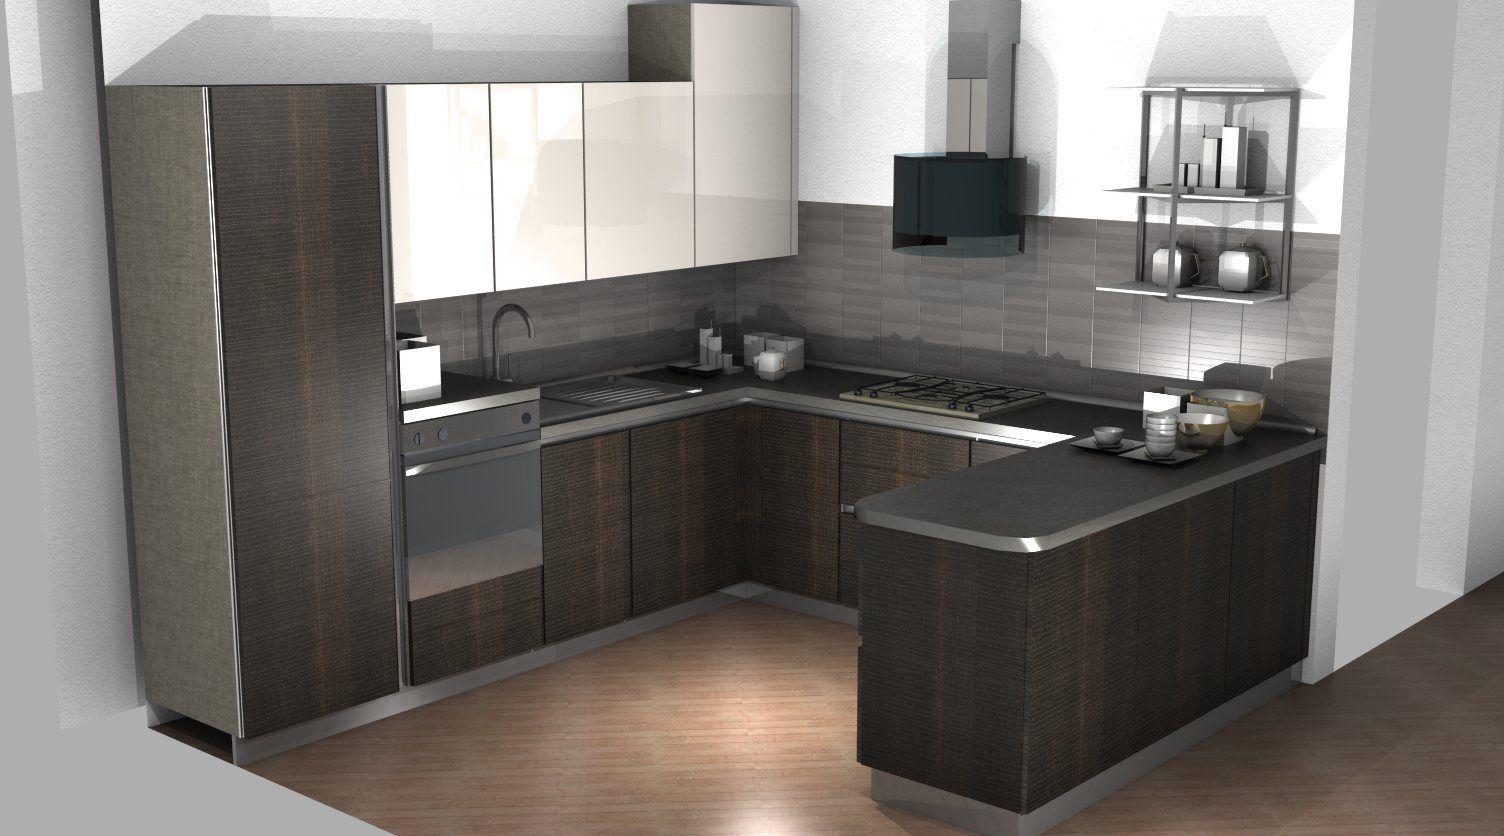 Cucina scavolini con penisola cucina kitchen - Cucine con penisola ...